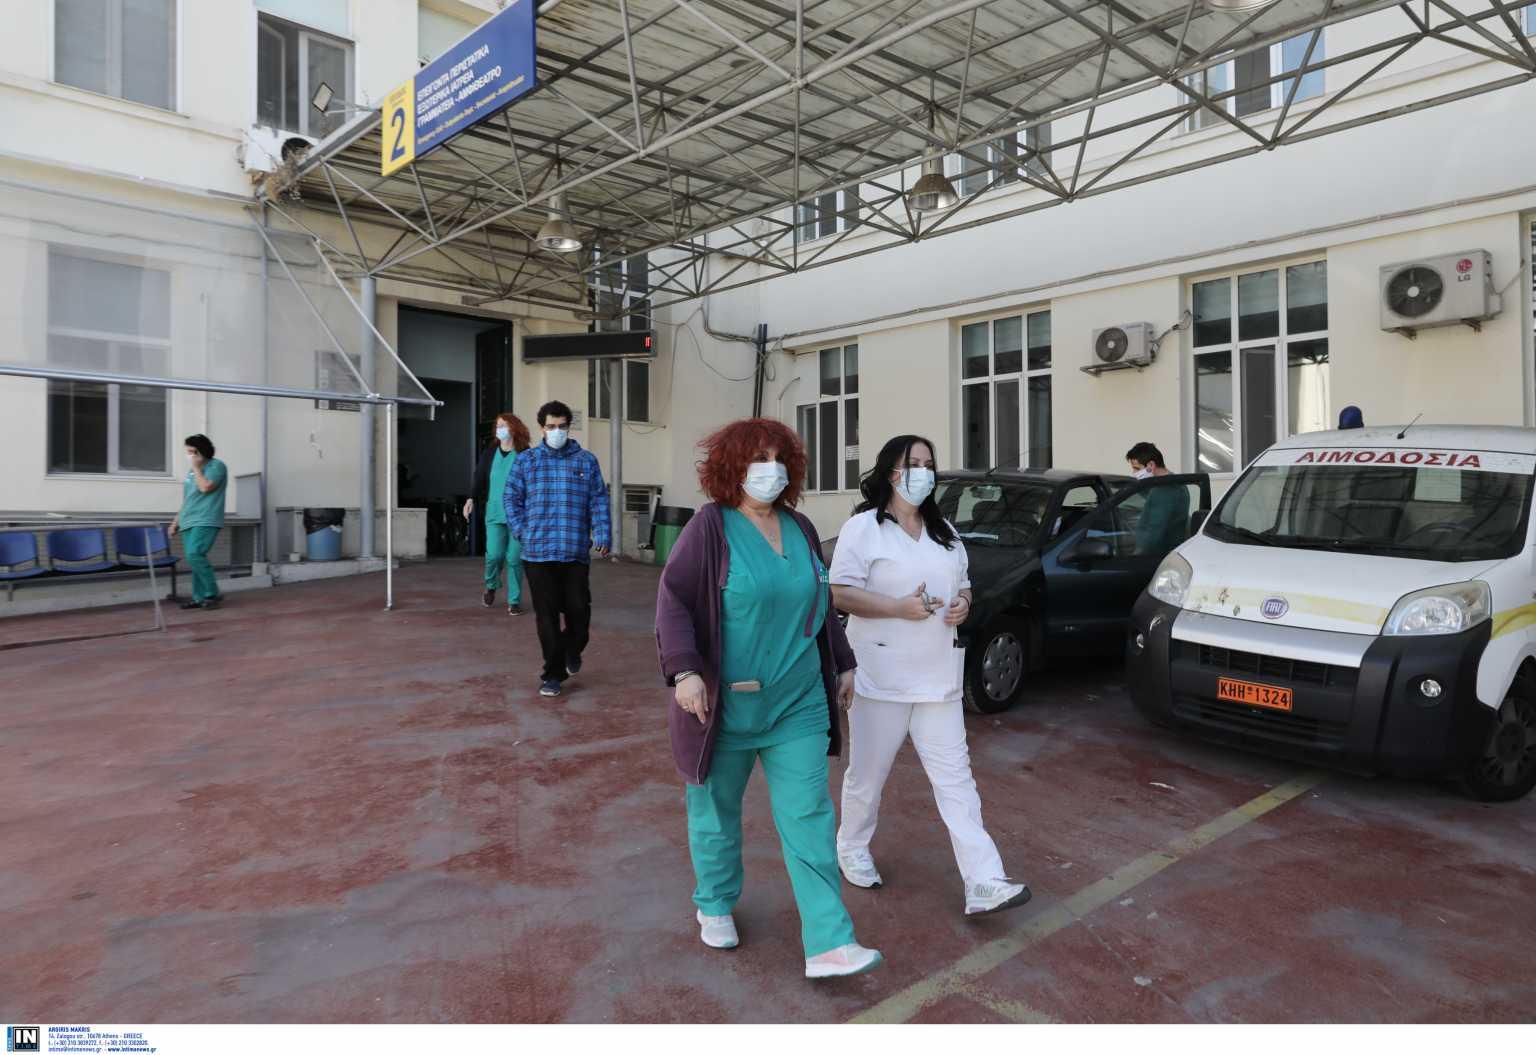 Κορονοϊός – Μίνα Γκάγκα για αναστολές: Δίνουμε μεγαλύτερα οικονομικά κίνητρα στους υγειονομικούς για να εμβολιαστούν